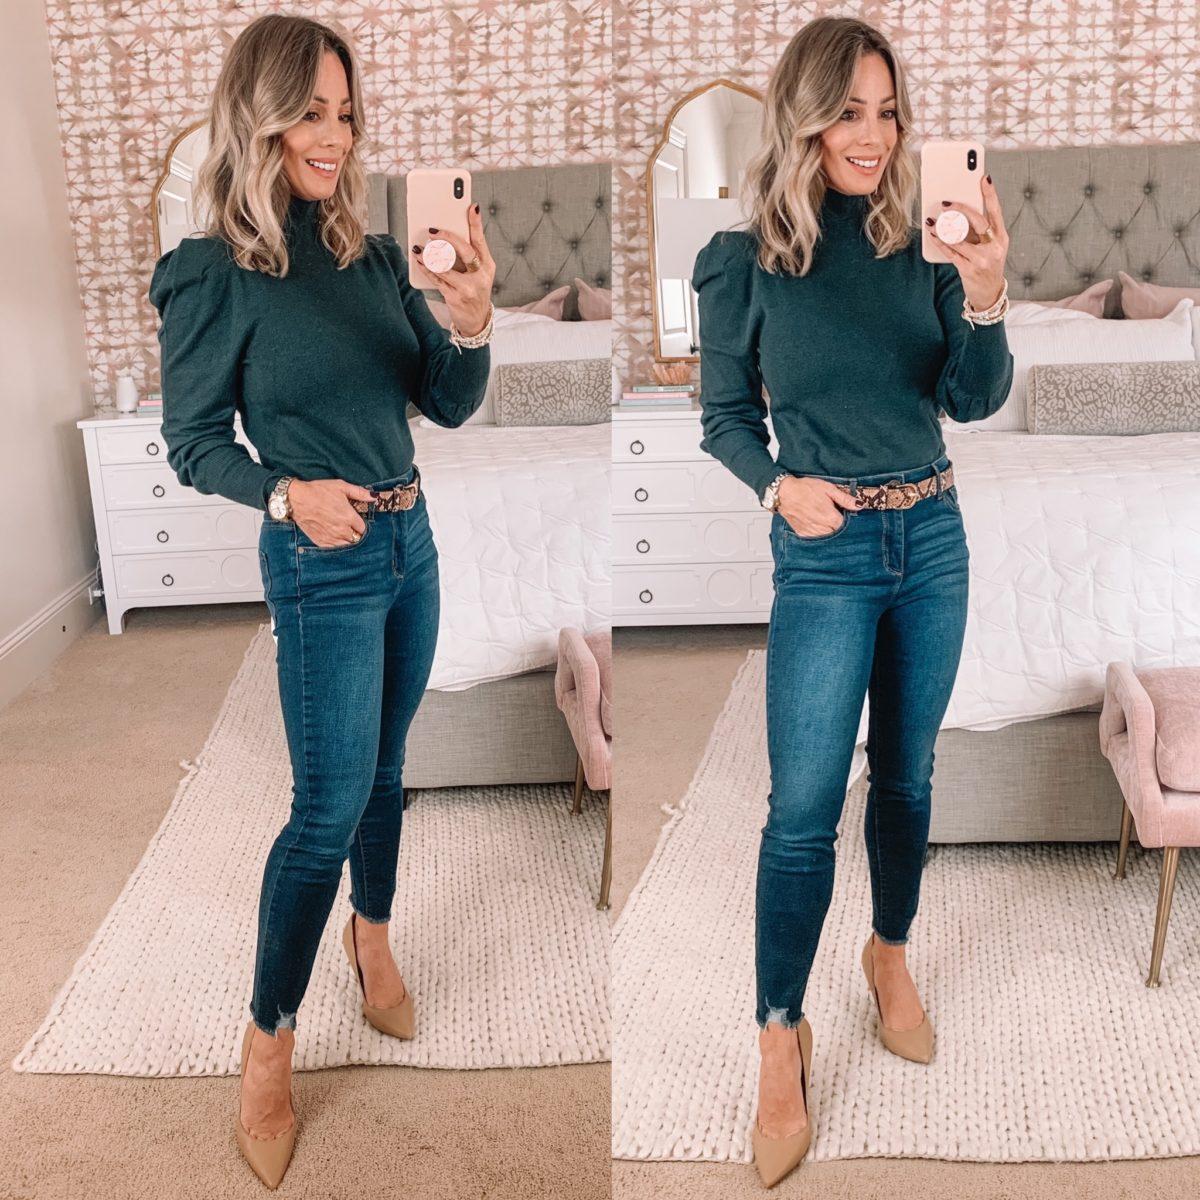 Walmart Fashion, Puff Sleeve Mock Turtleneck Top, Jeans, Heels, SnakeSkin Belt